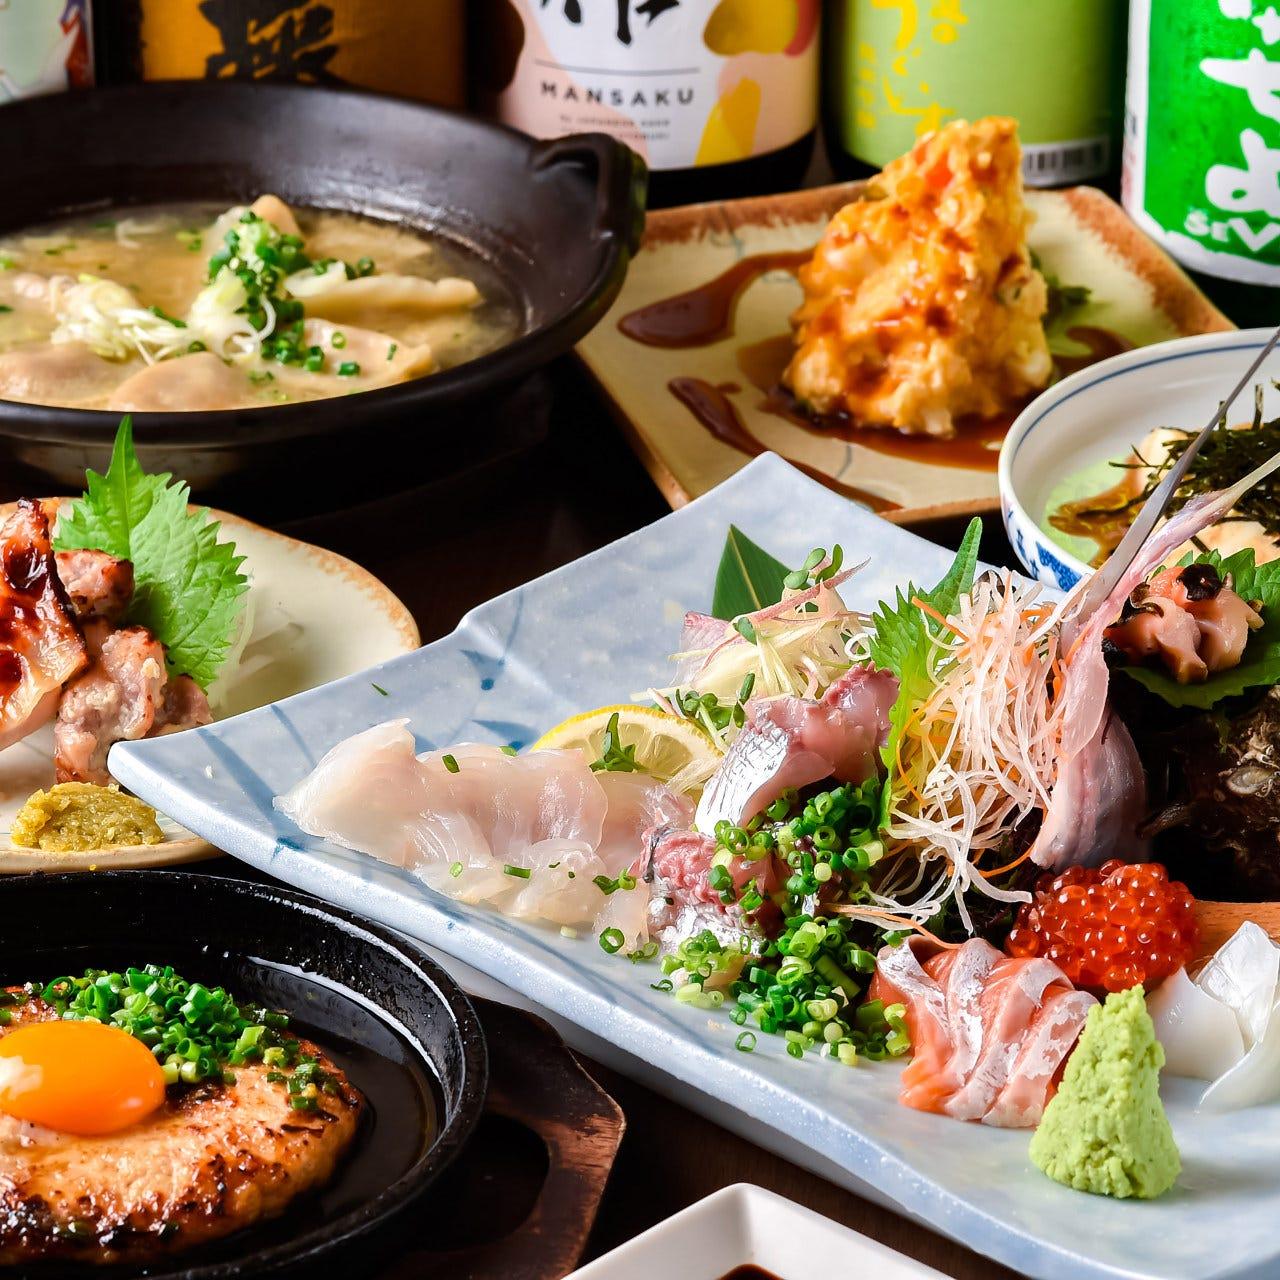 【人気!】鮮魚盛りやはなびの人気メニュー含む食事8品2時間飲放コース3500円!もちろんポテサラ食べ放題!